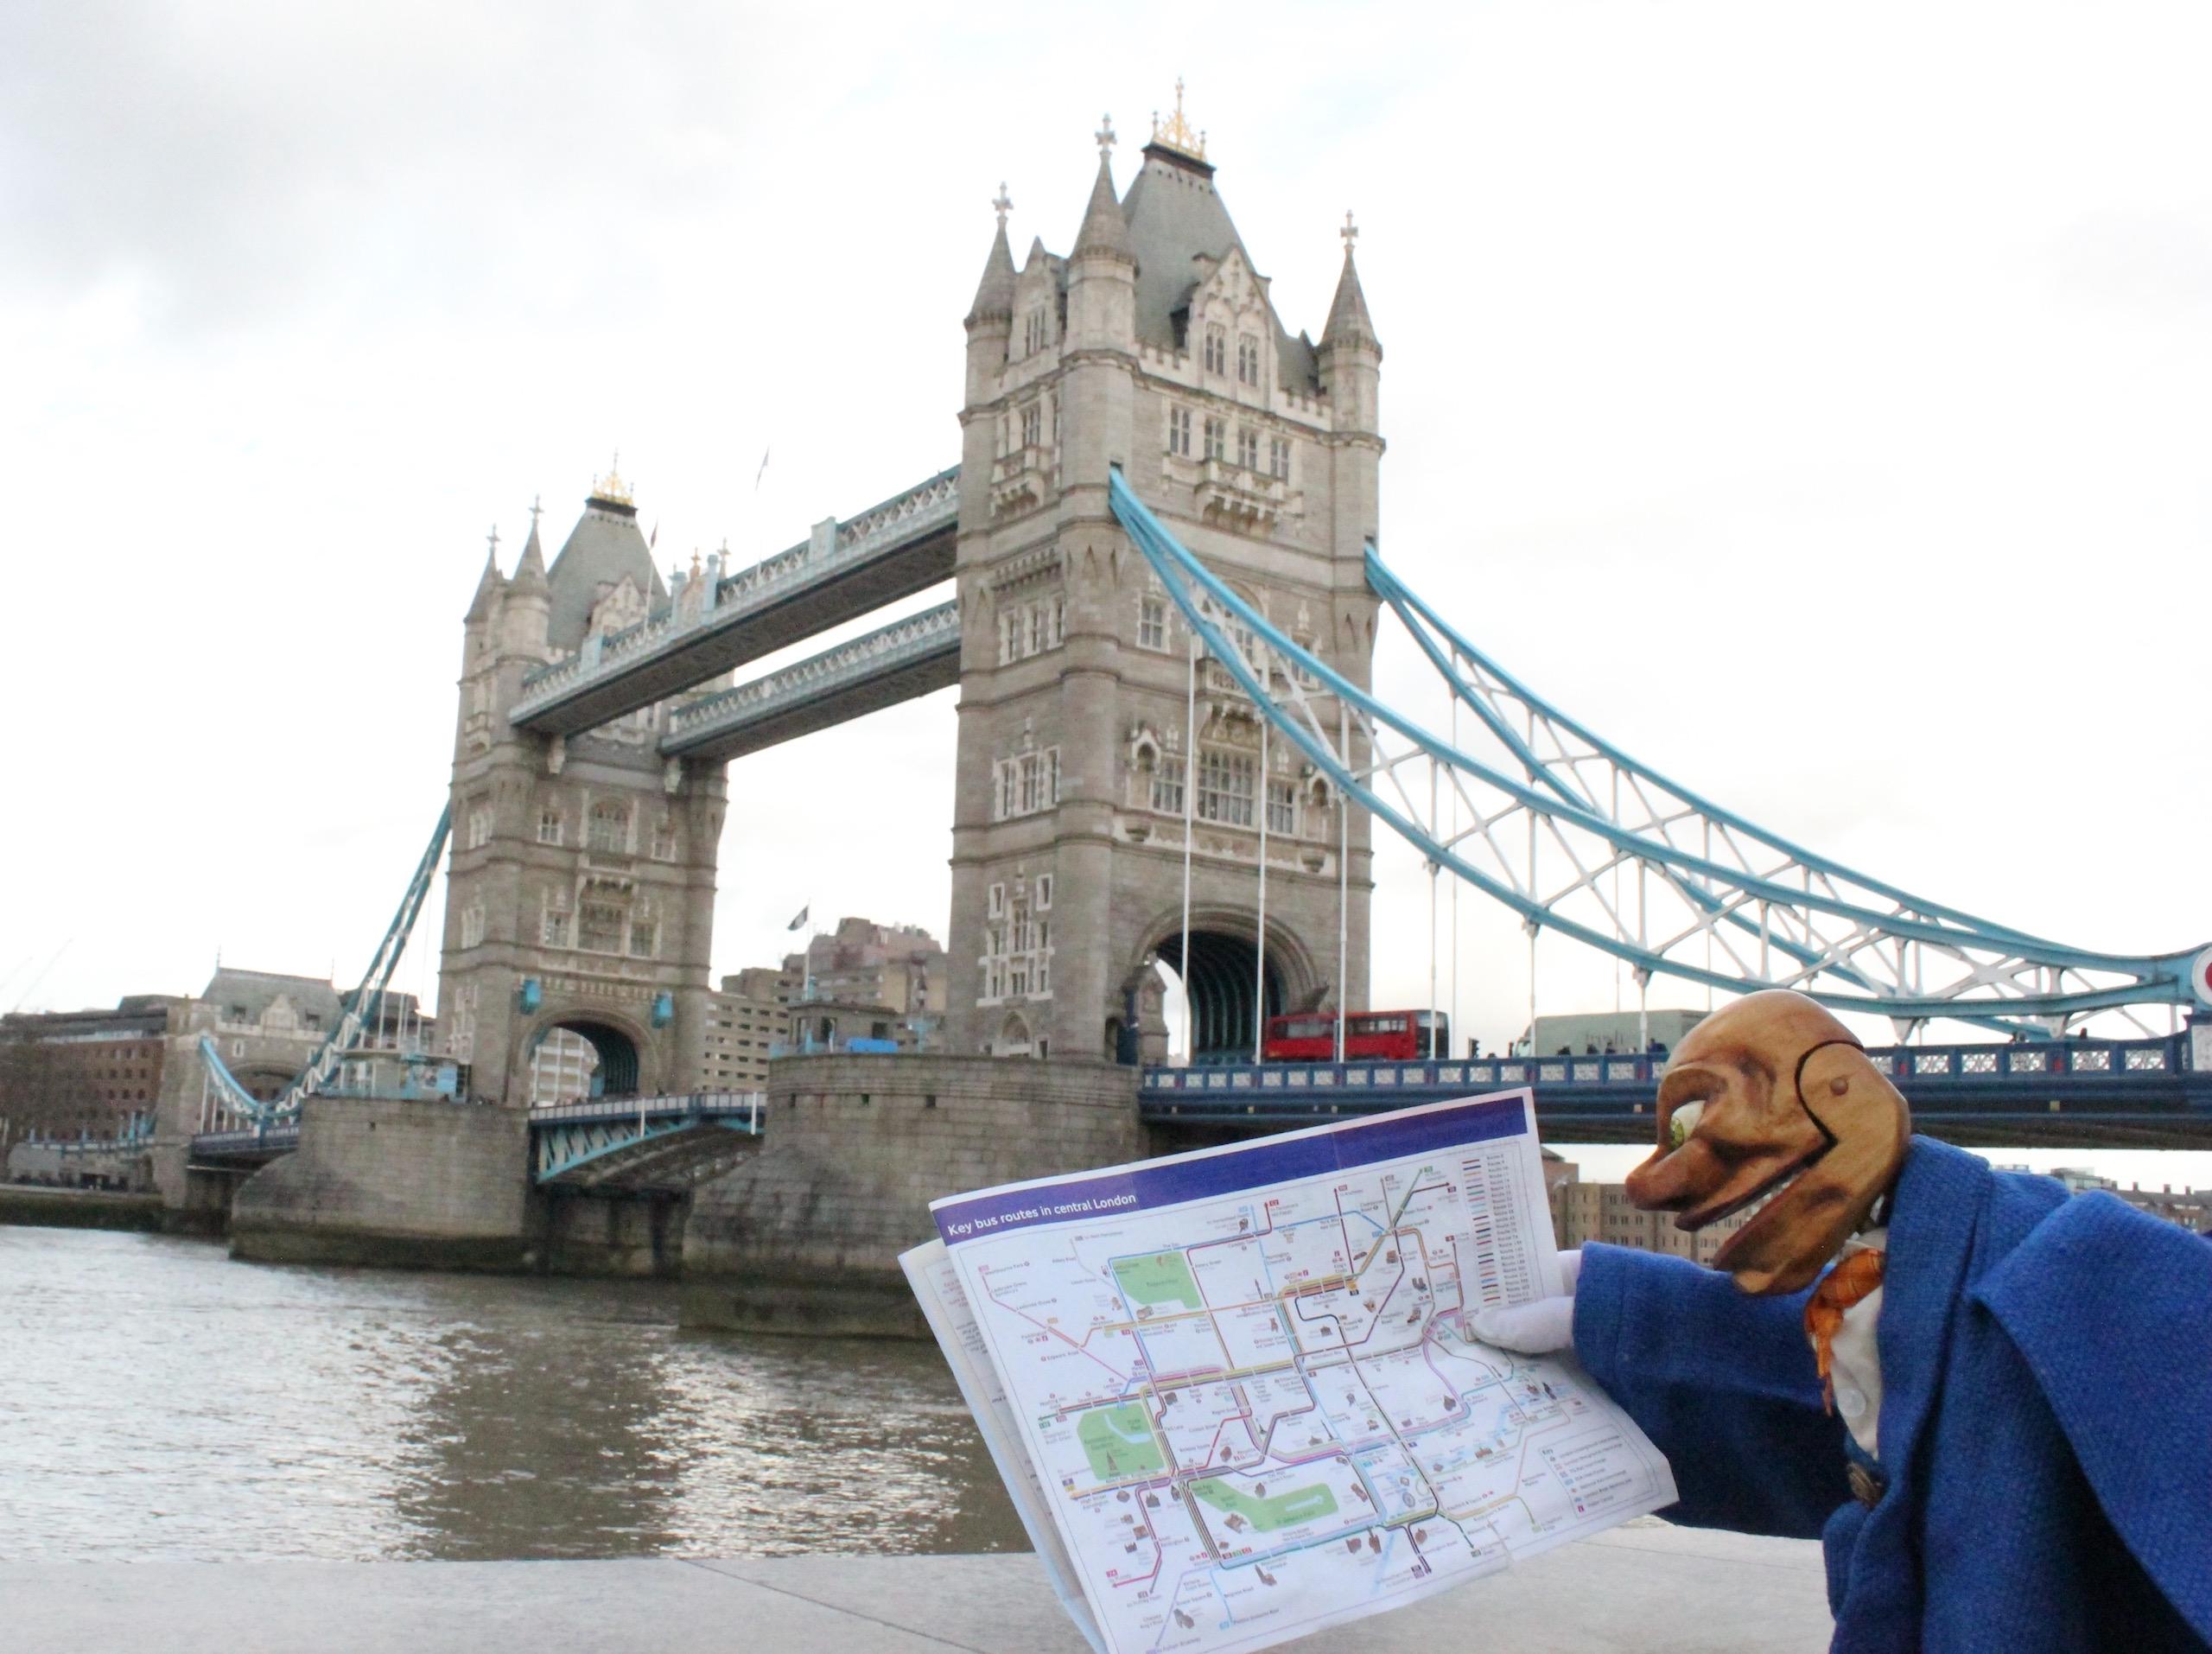 Puppet, marionnette, théâtre, Puppentheater, Igor, london, bridge